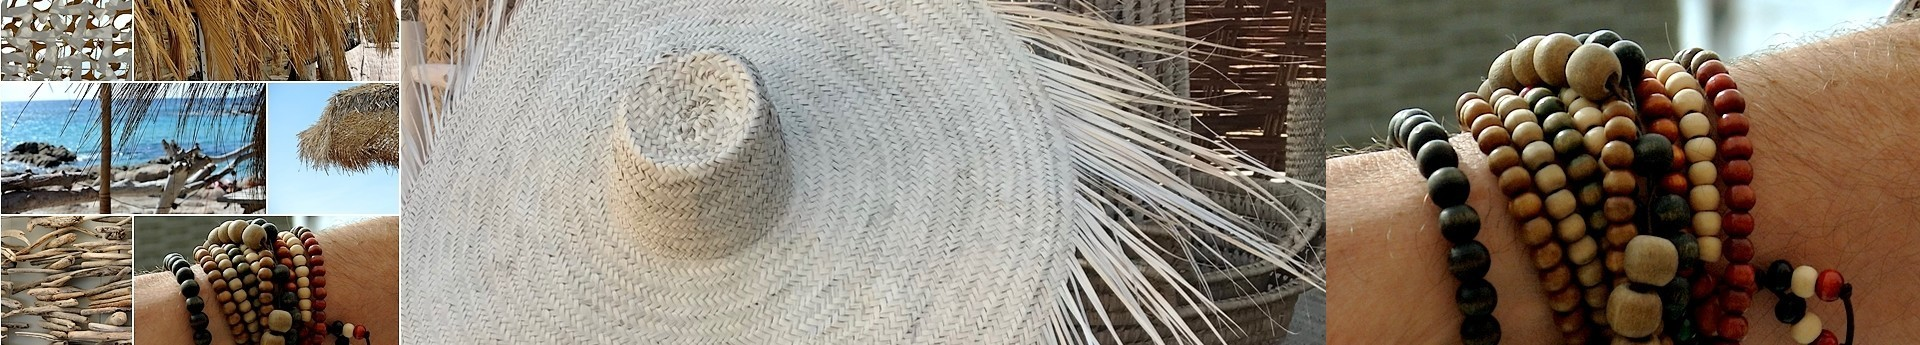 La mode By Terre et Métal des bijoux, des paniers, des écharpes, des chapeaux